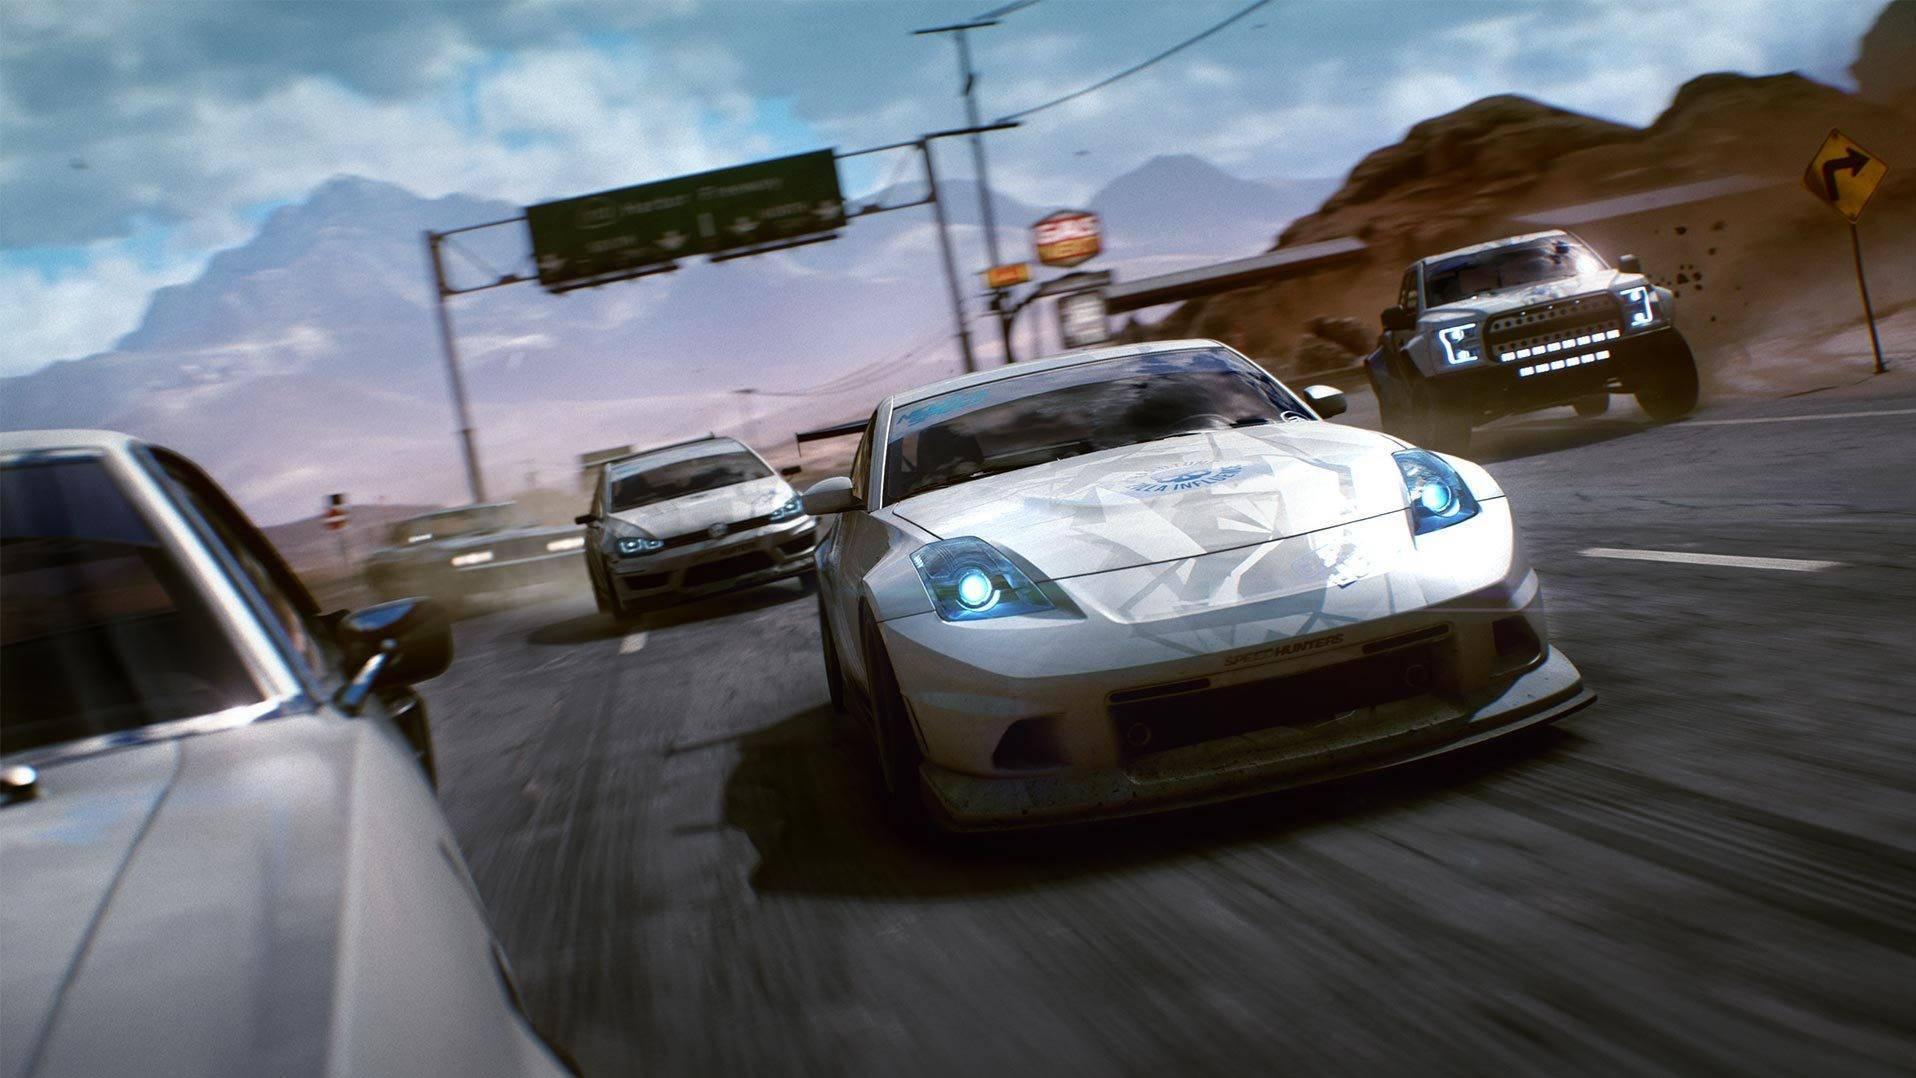 Auto motor und sport testwertungen - Need For Speed Payback Testwertungen In Der Bersicht